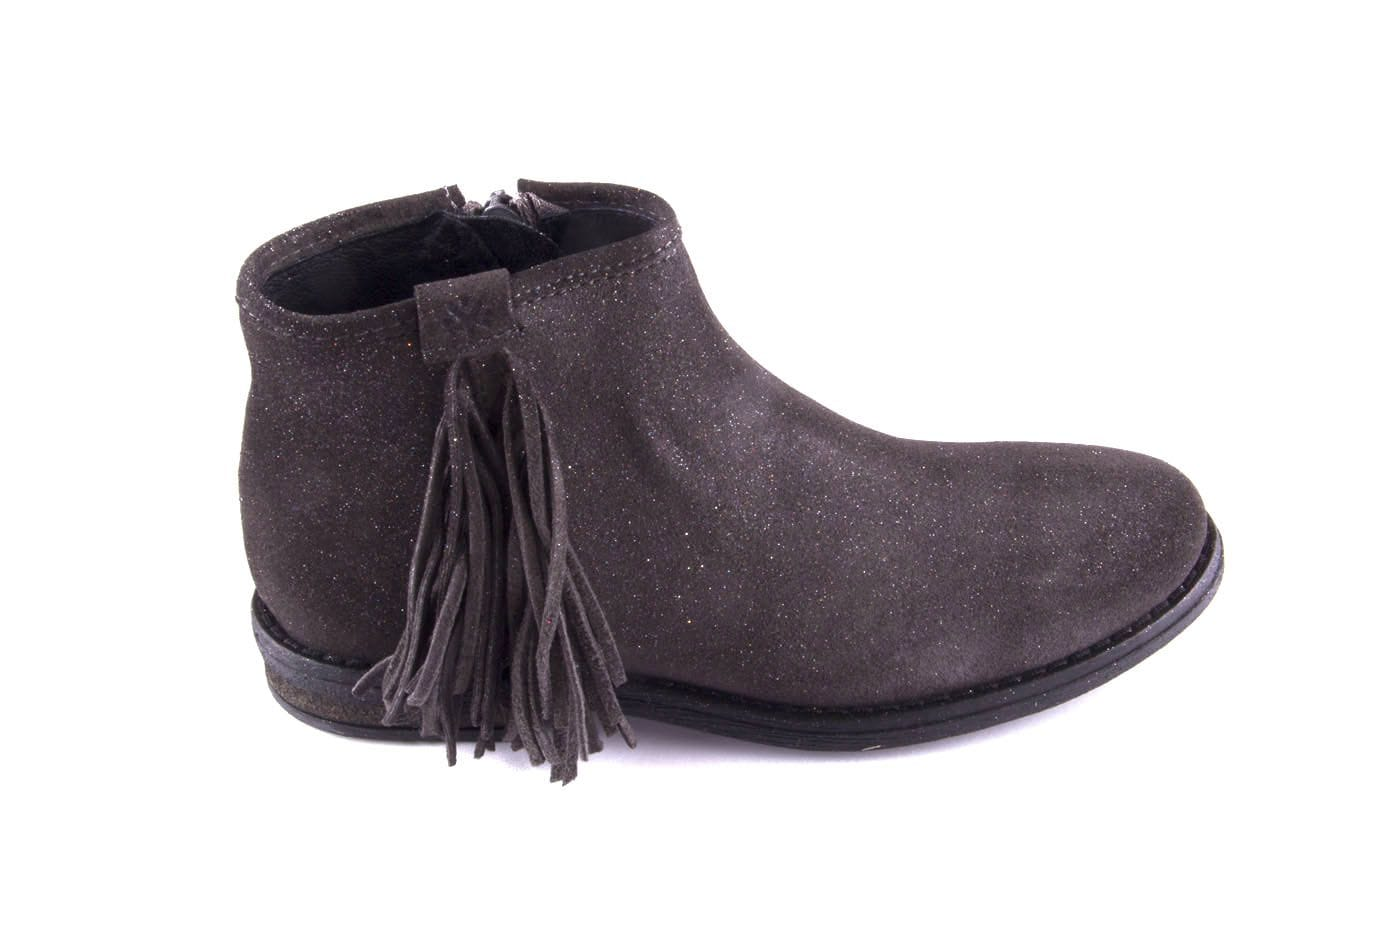 9e47ed3989a Comprar zapato tipo JOVEN NIÑA estilo BOTINES-BOTA ALTA COLOR GRIS ...